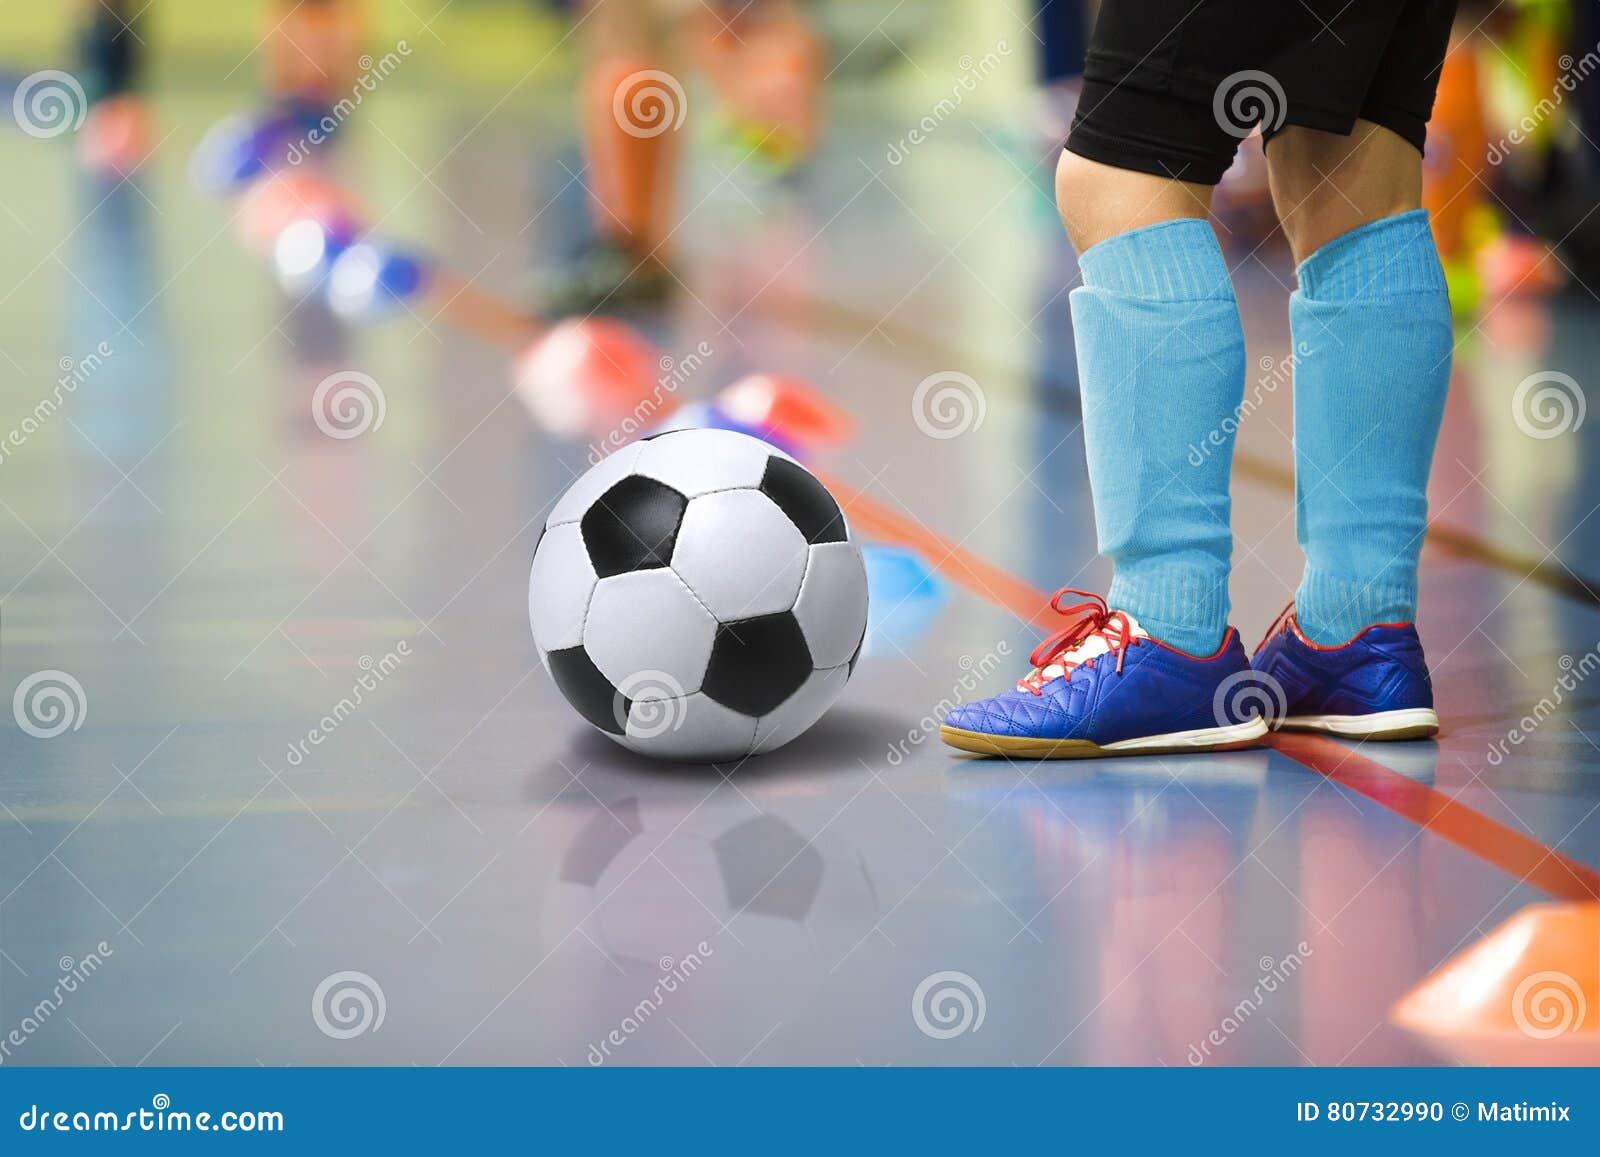 Kinderen die voetbal futsal binnengymnastiek opleiden Jonge jongen die met voetbalbal binnenvoetbal opleiden Weinig speler in lic